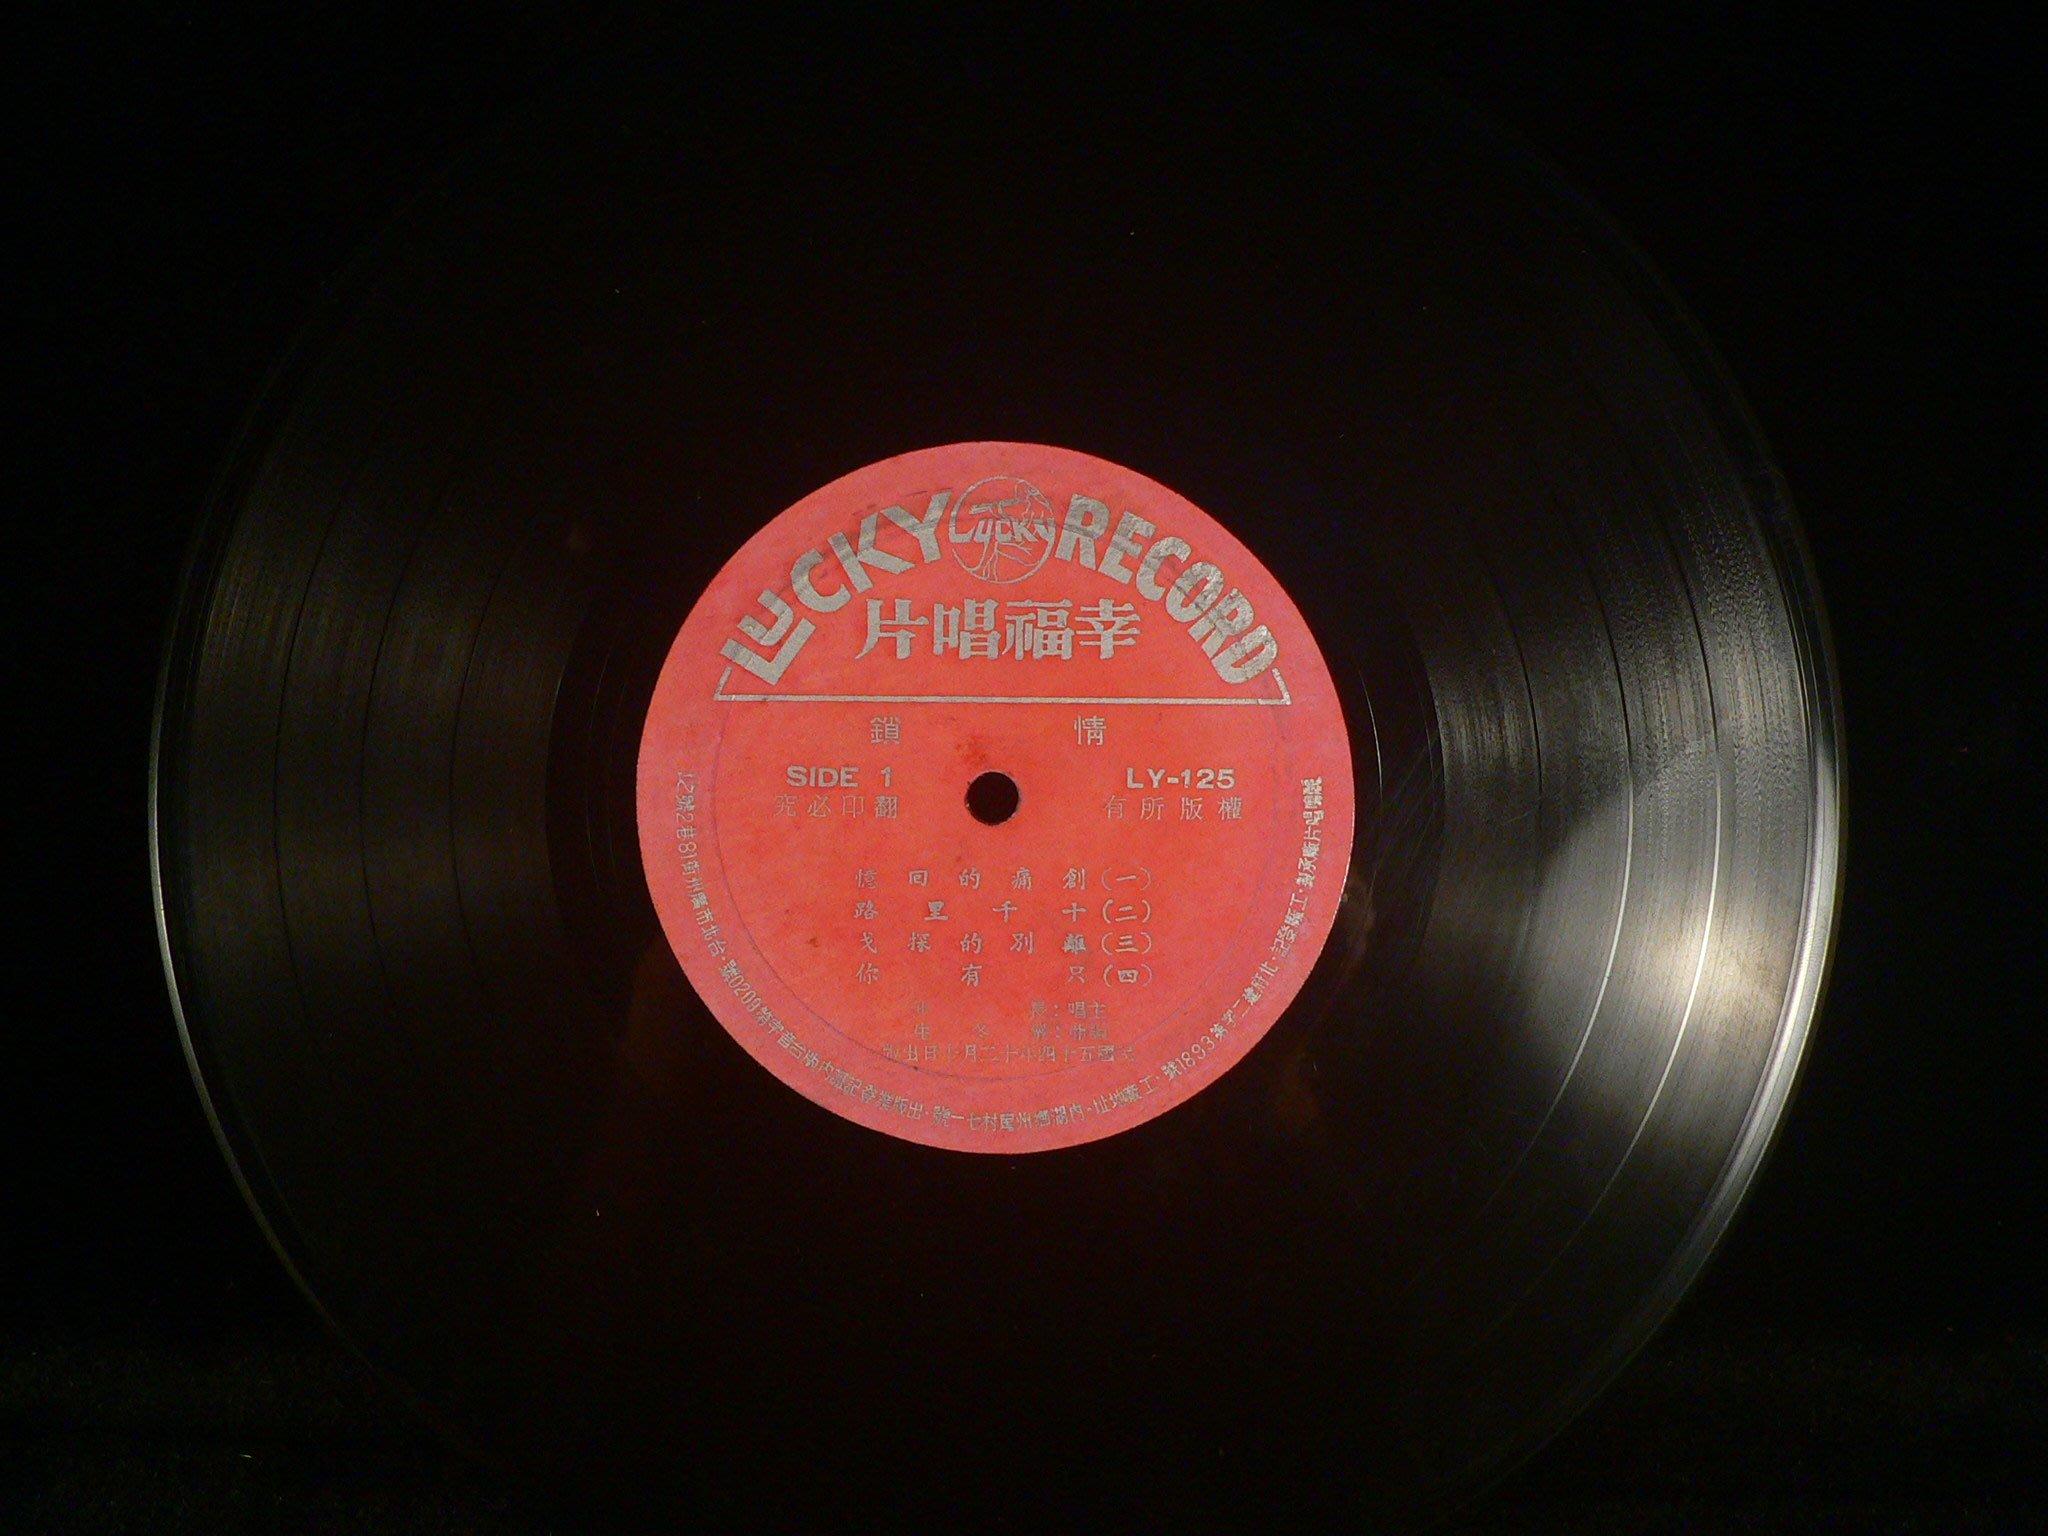 乖乖@賣場(LP黑膠唱片)10吋裸片 國語黑膠 情鎖 創痛的回憶 明日又天涯 主唱 長伸